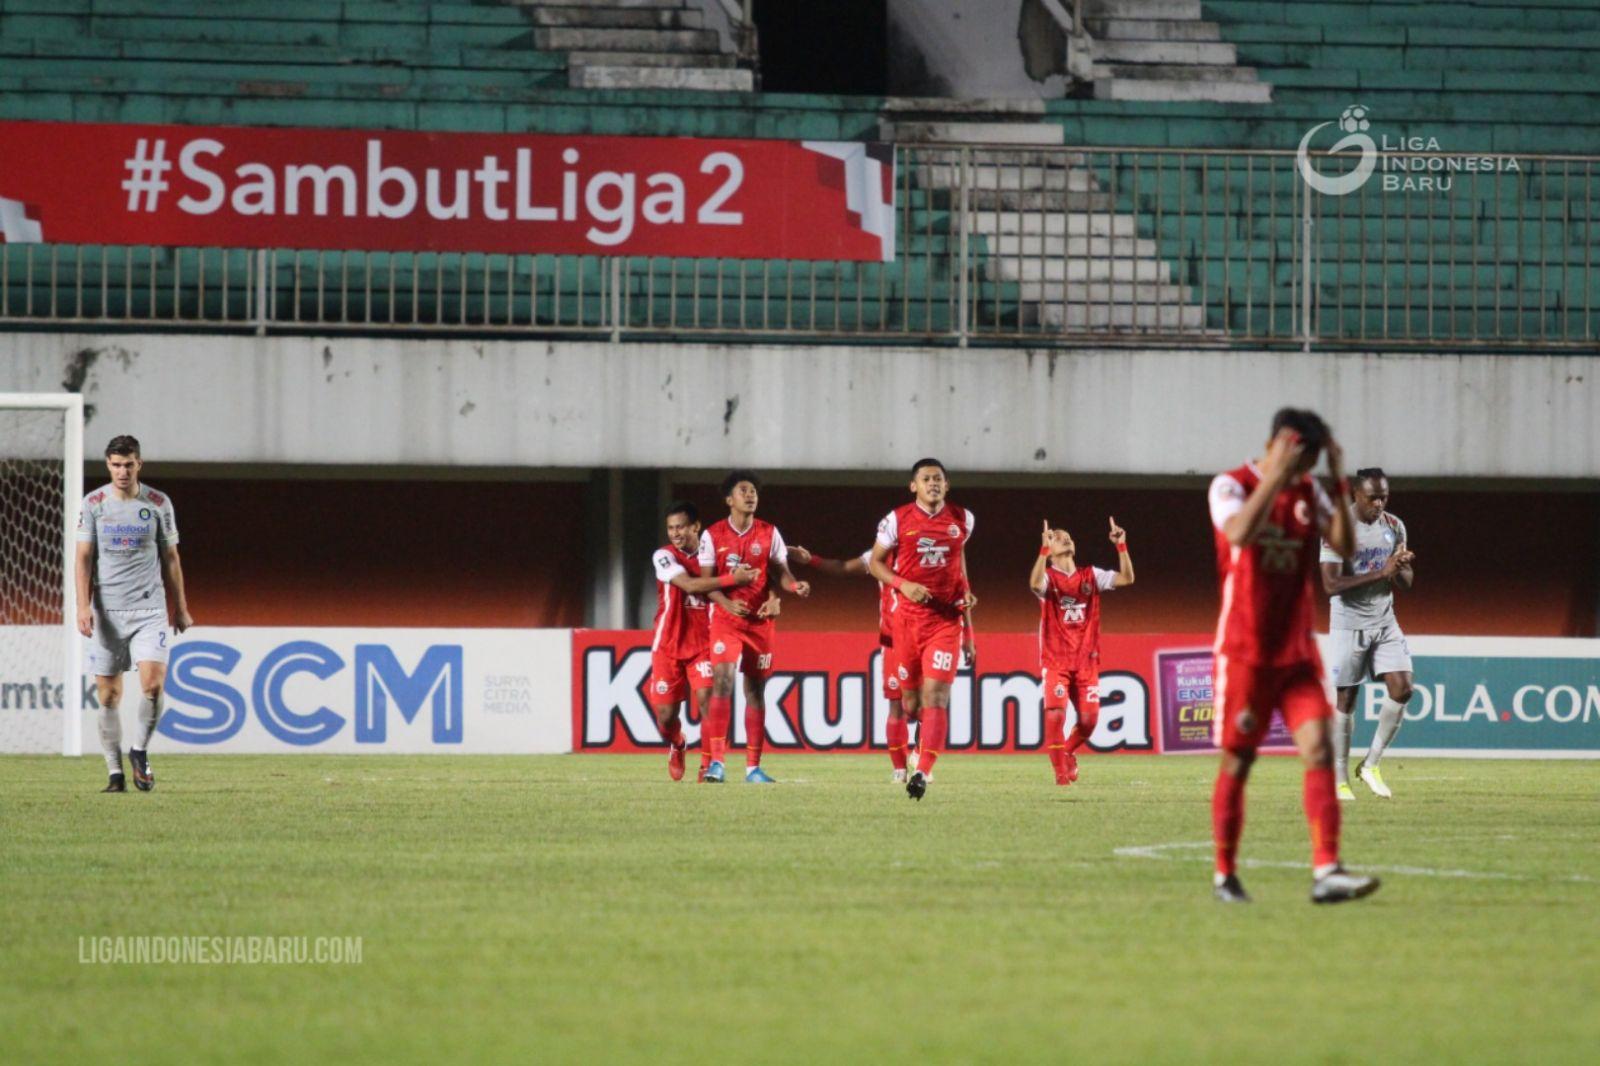 Koordinator Save Our Soccer (SOS) Akmal Marhali menilai, sebaiknya Liga 1 2021 tidak usah digulirkan jika tidak ada degradasi. (foto: PT LIB)